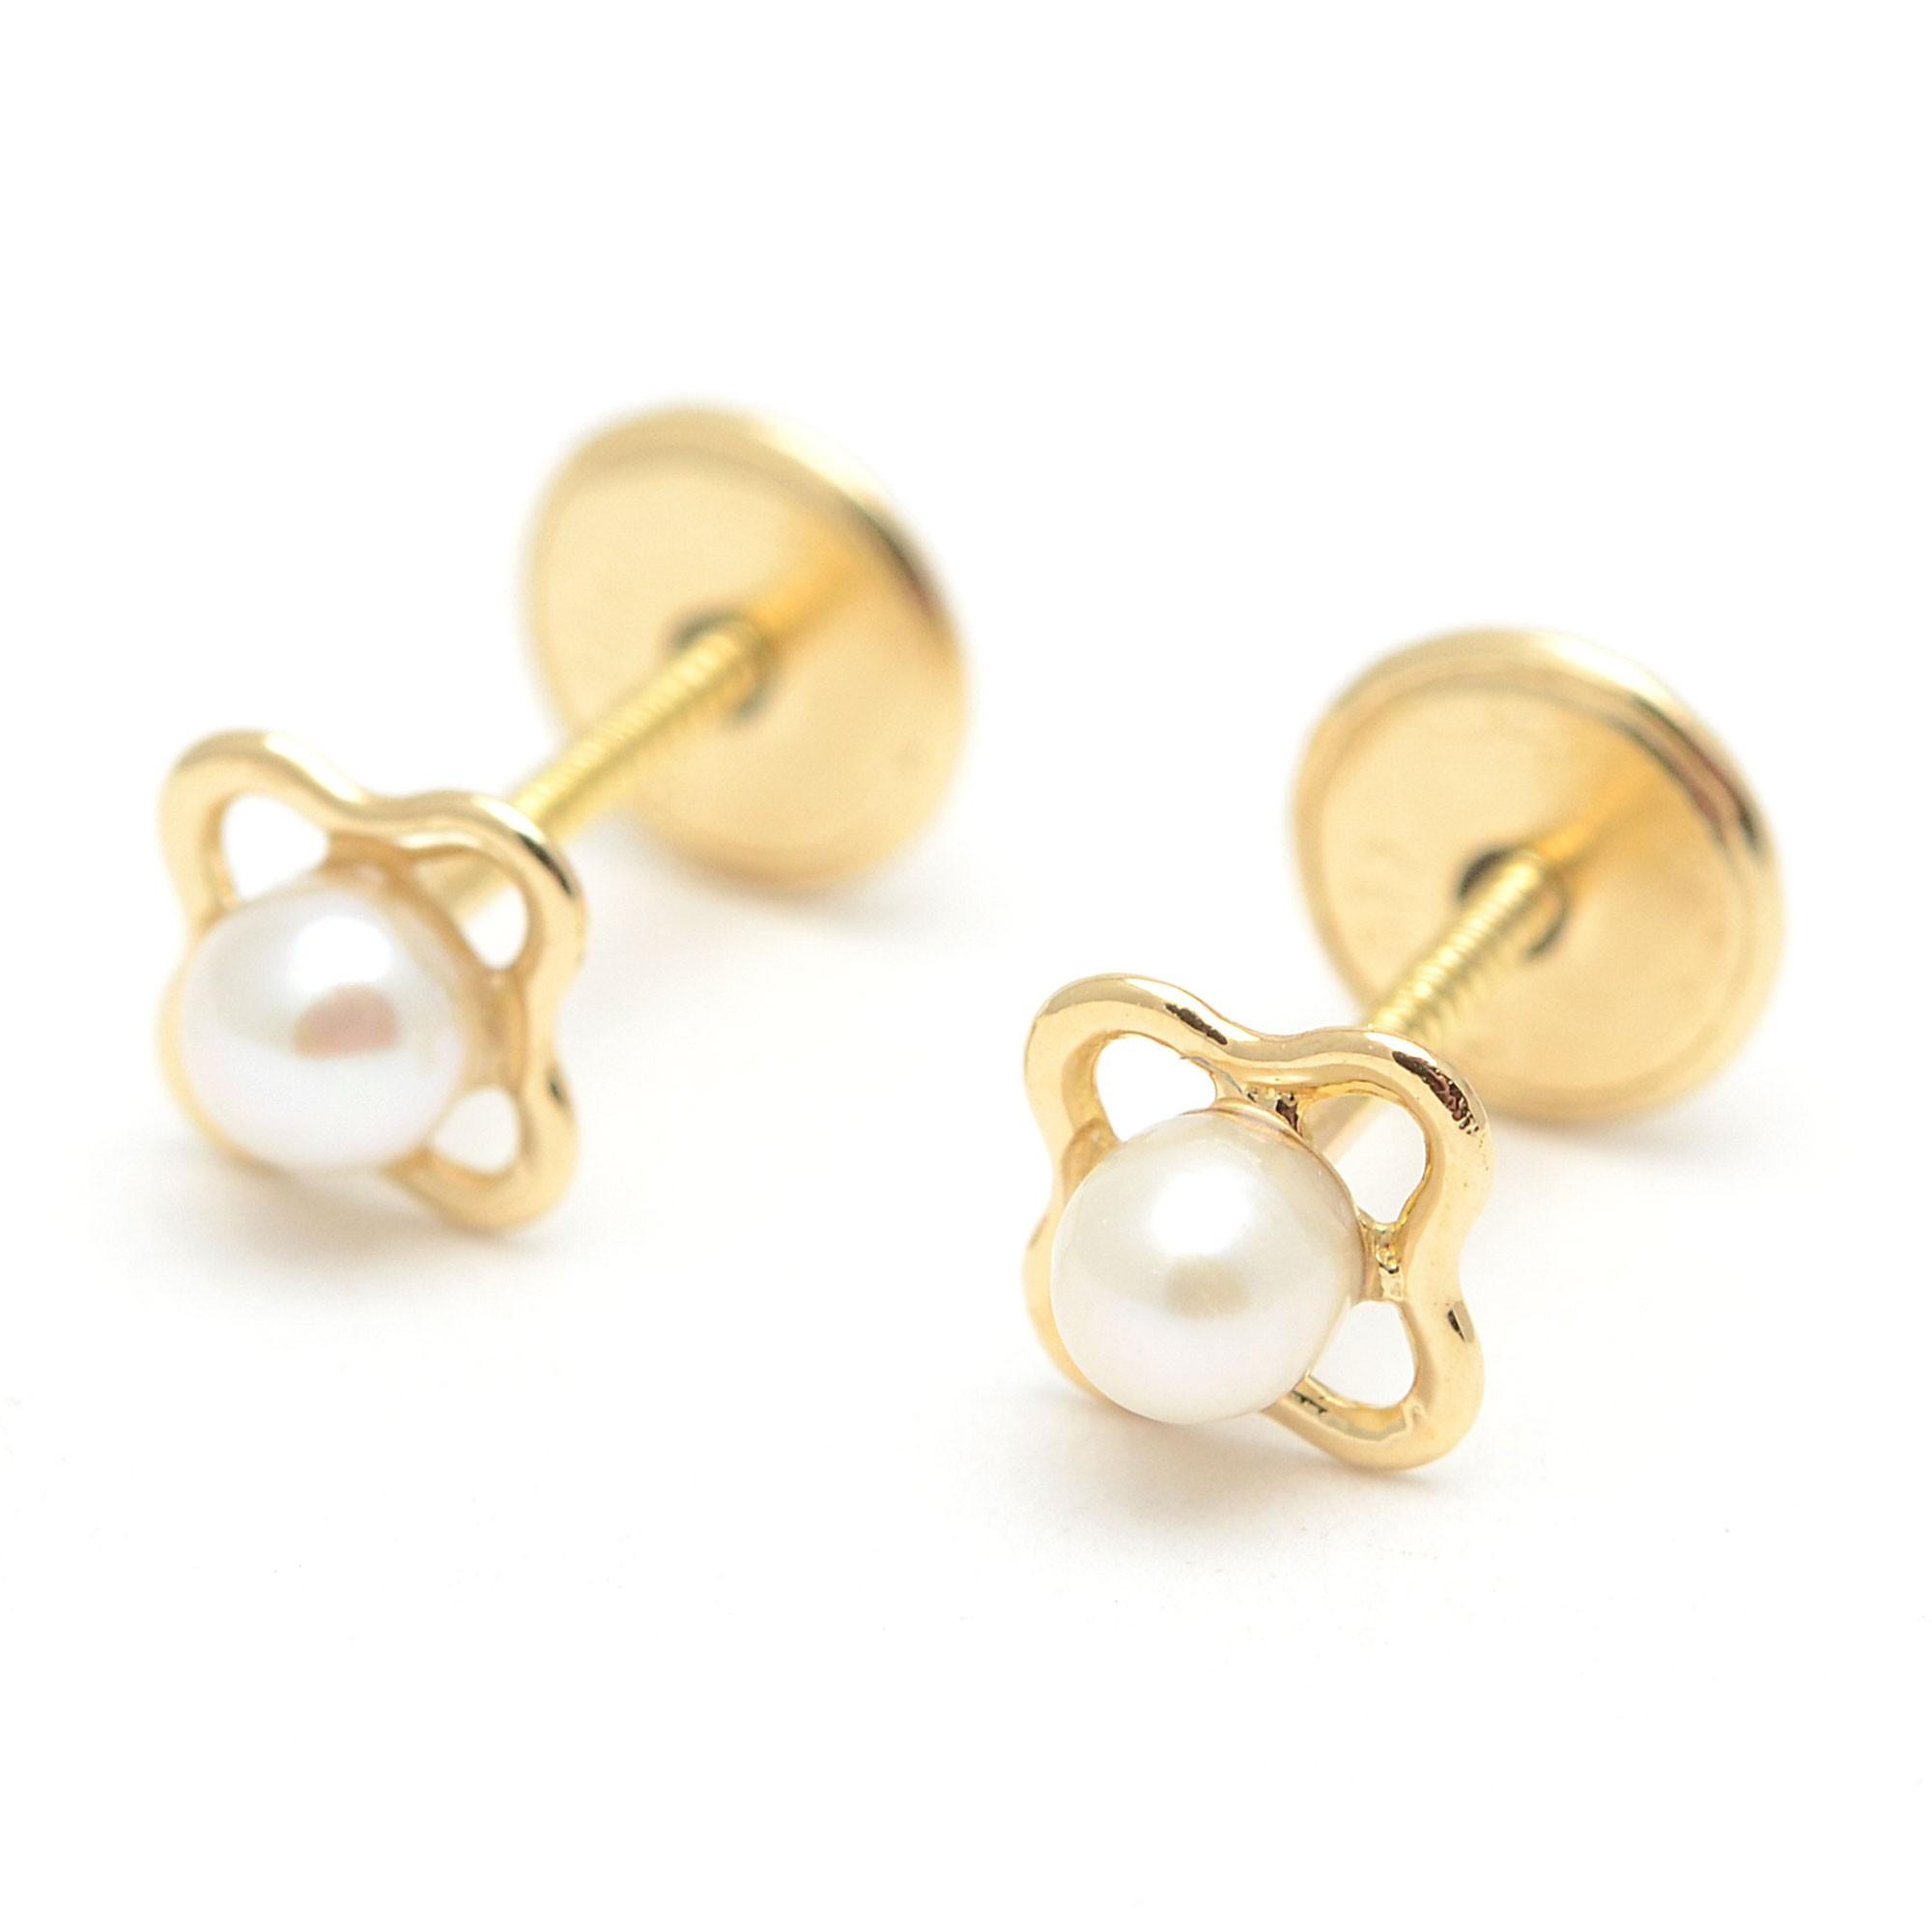 Pendientes oro beb ni a infantil flores perlas - Fotos de pendientes ...